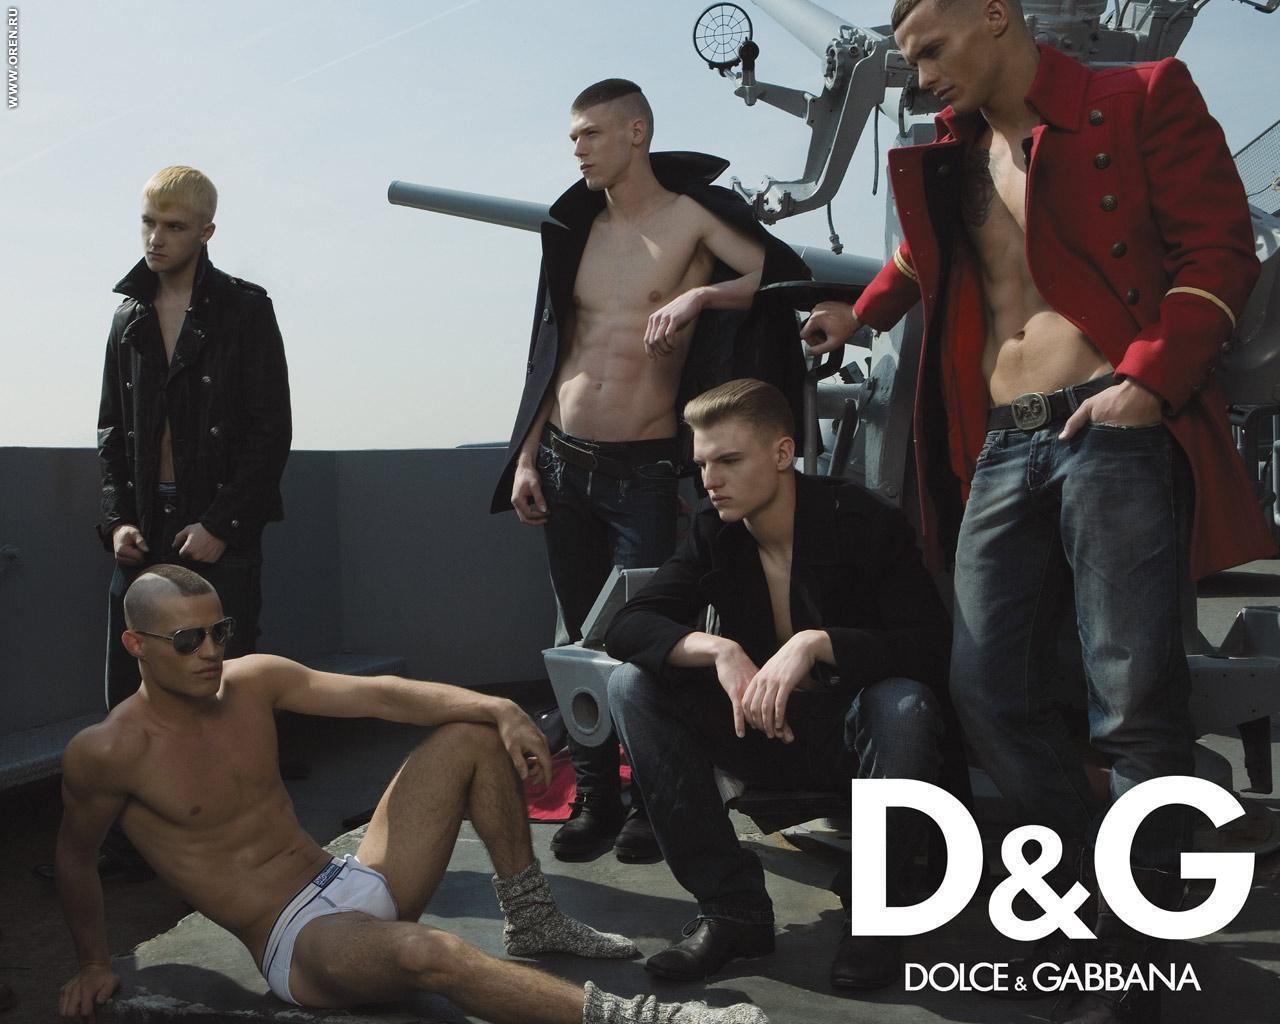 Dolce-Gabbana-dolce-and-gabbana-1254540_1280_1024